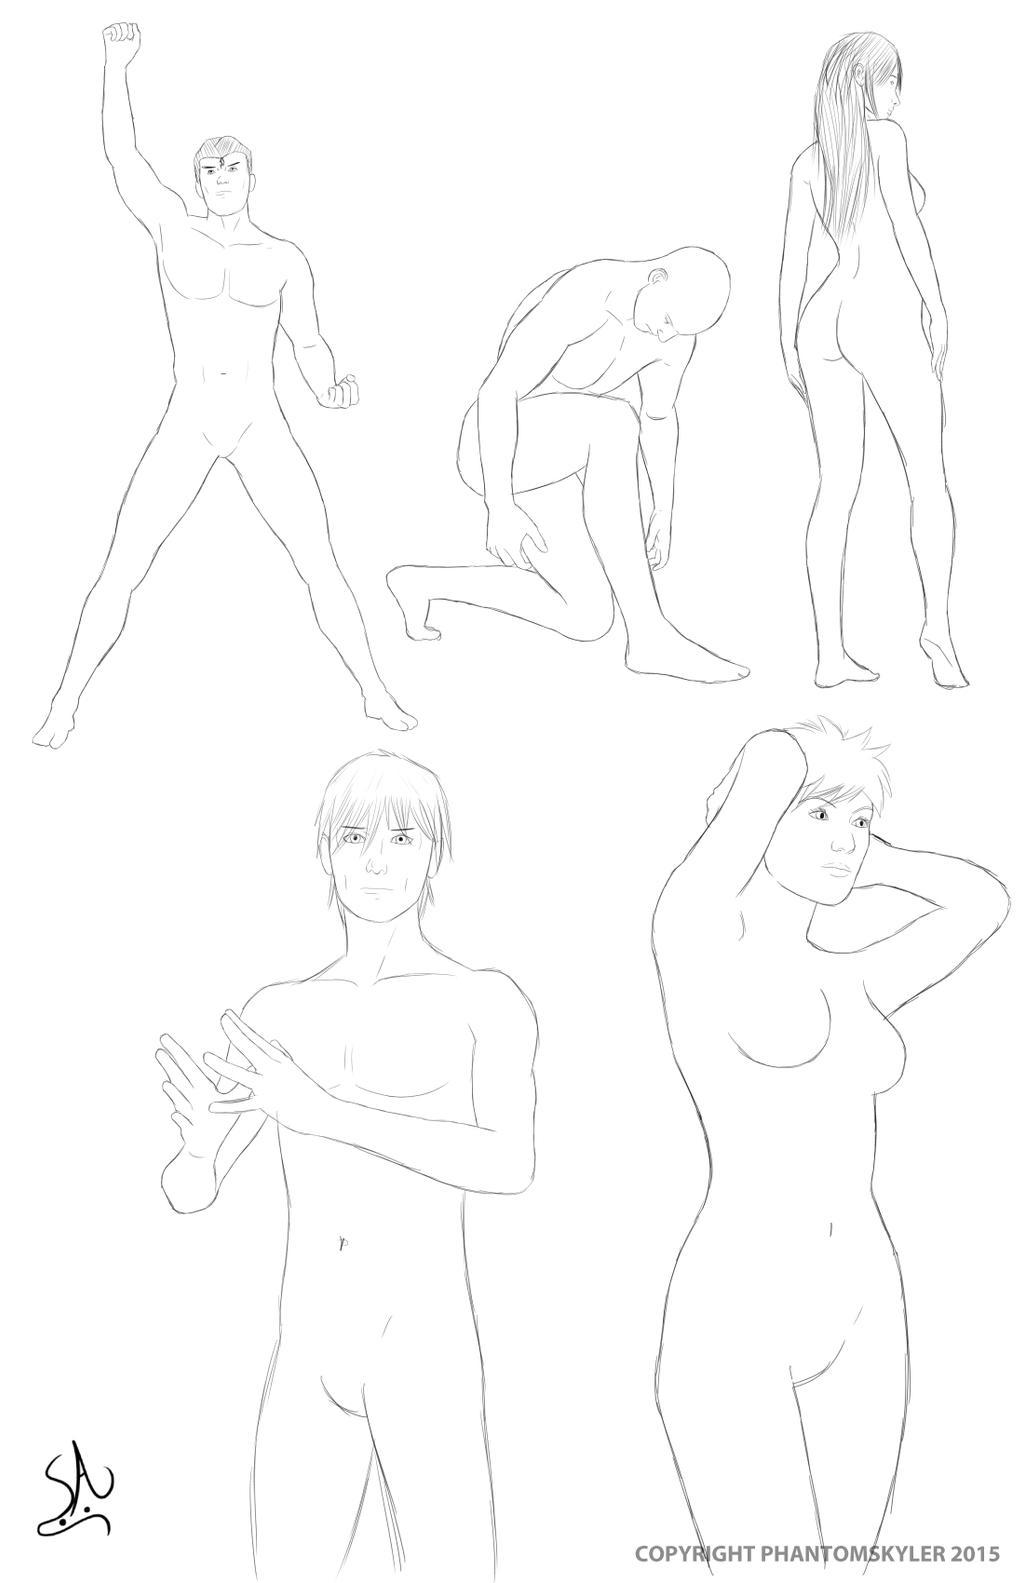 Anatomy Reference 1 by PhantomSkyler